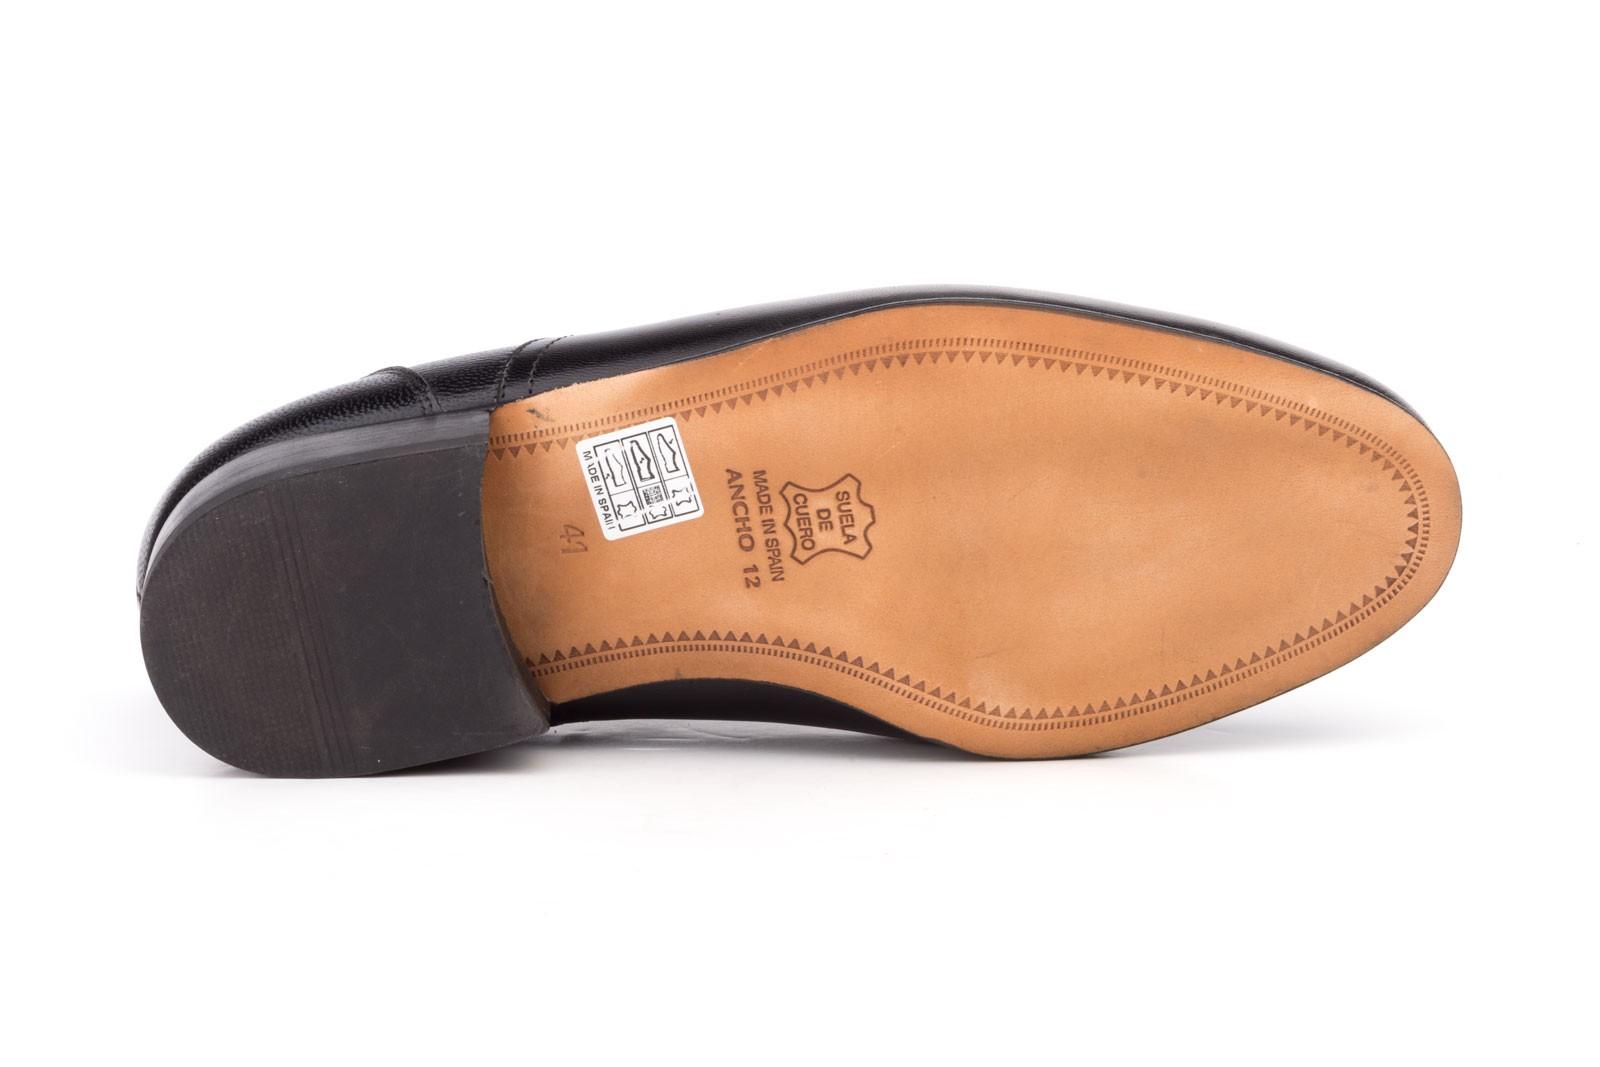 Derby Hombre Piel Ancho Zapatos Suela Cuero 12 SzUMqVpG